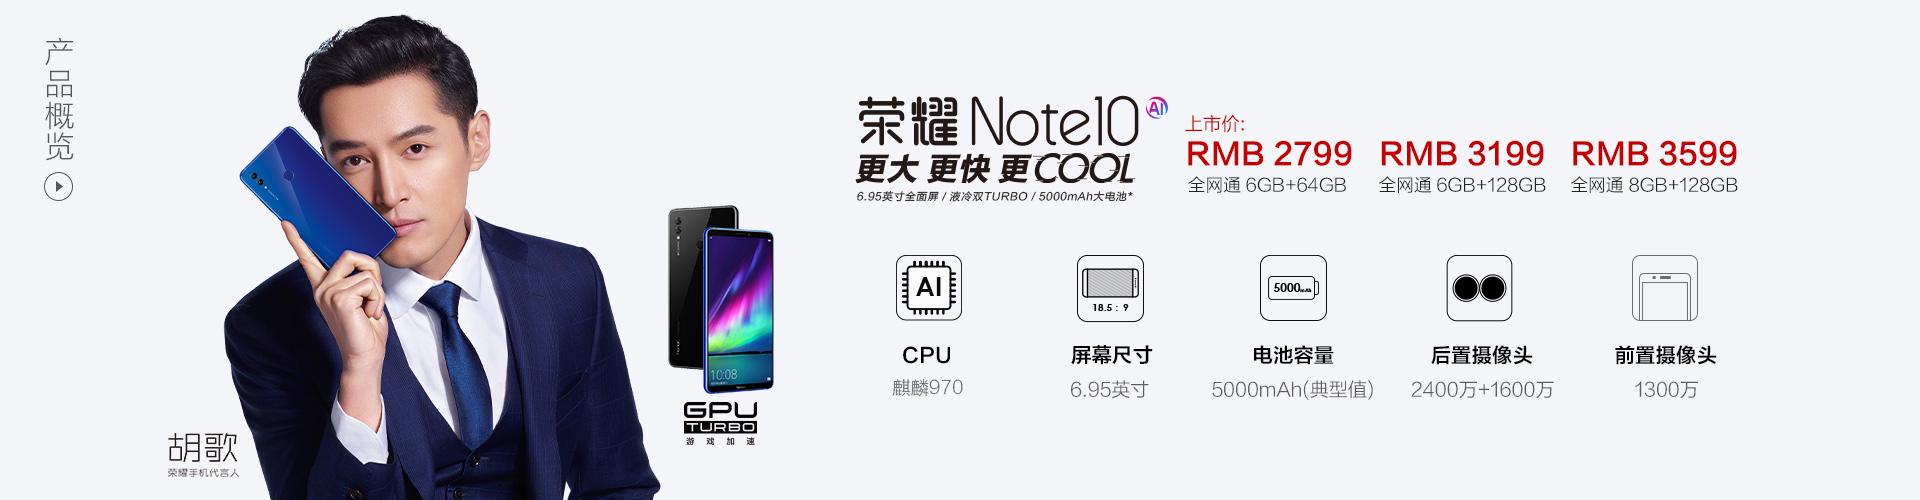 荣耀Note10详情.jpg